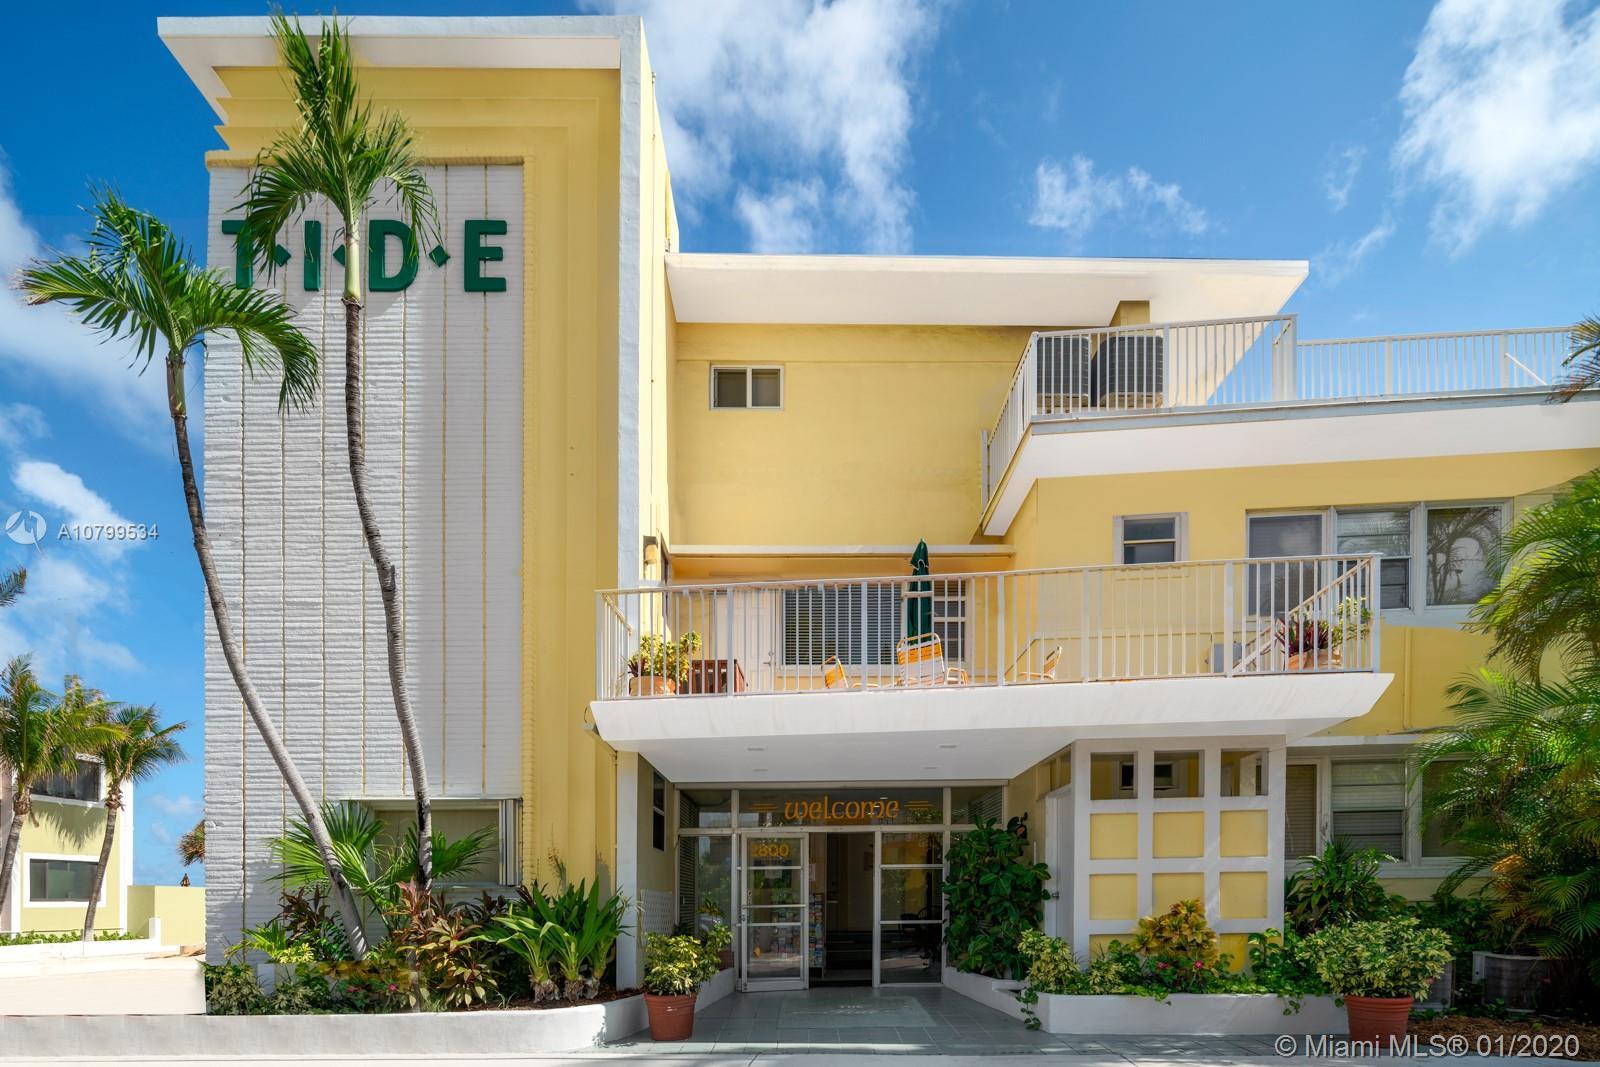 2800 N Surf Rd, Hollywood, FL 33019